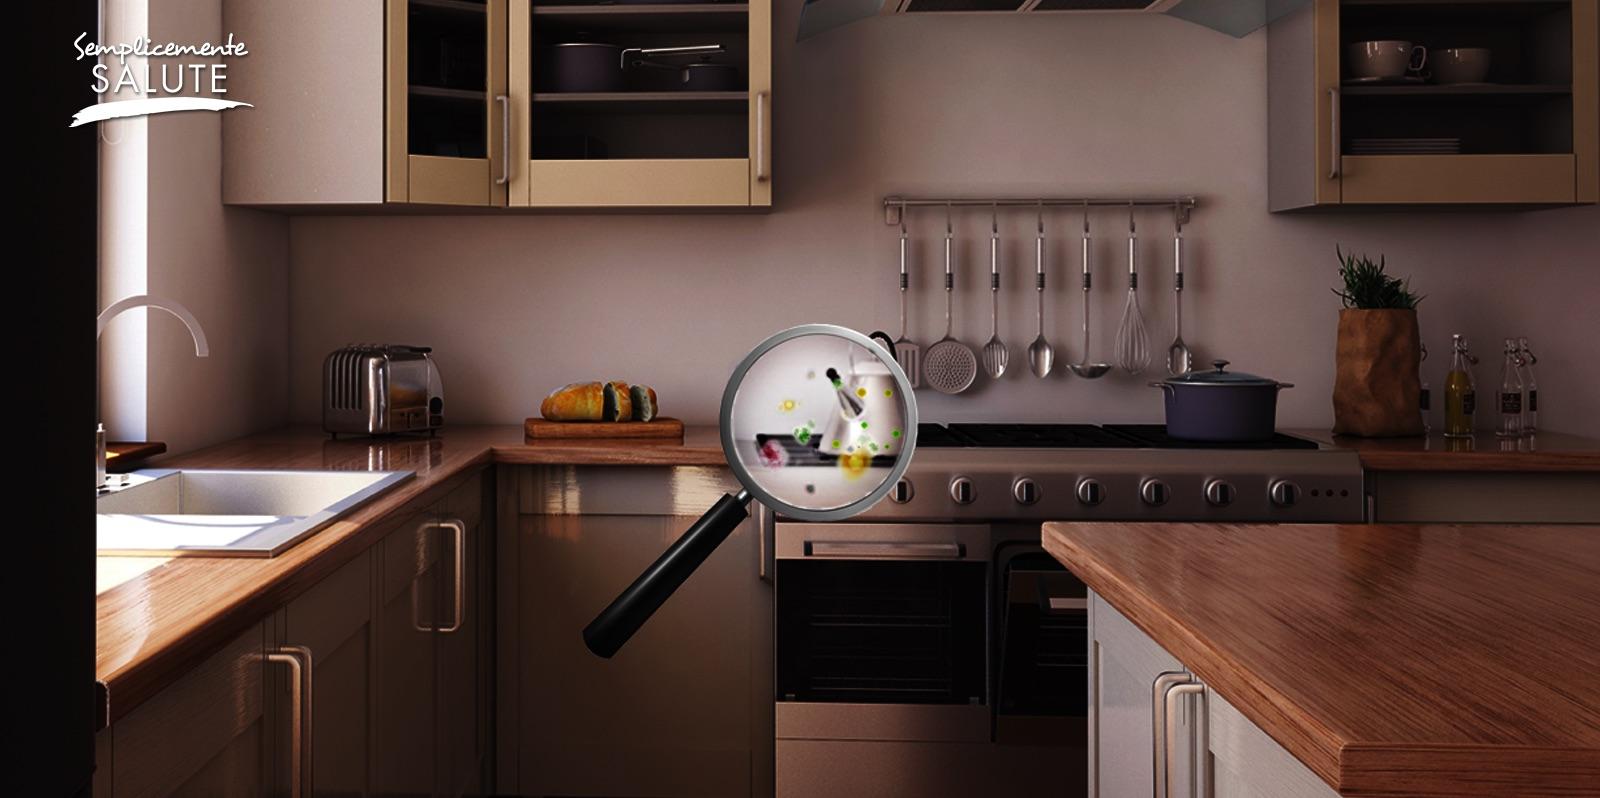 Quanti pericoli invisibili in cucina